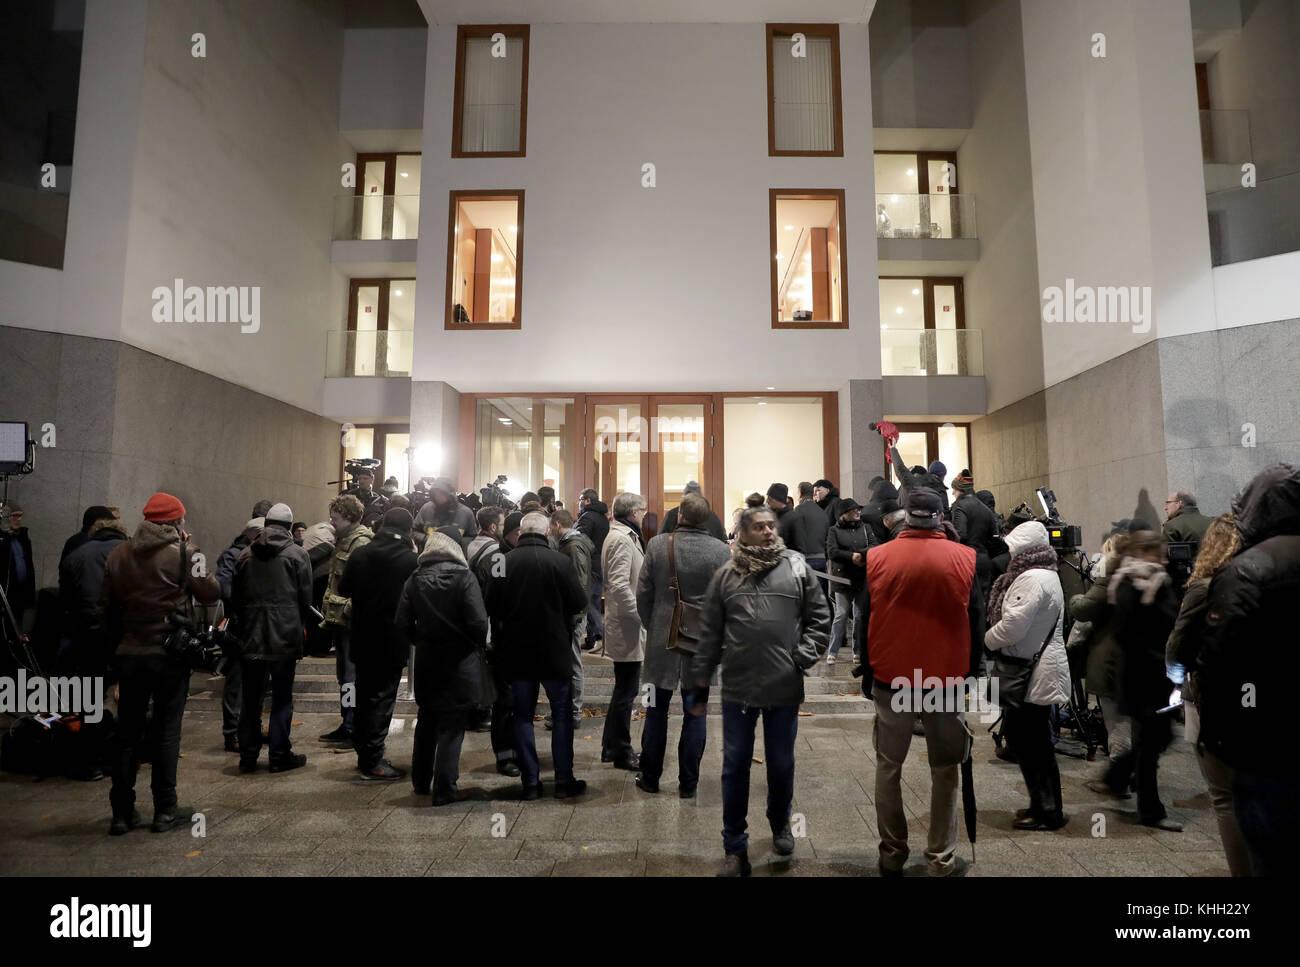 Berlin, Deutschland. 19 Nov, 2017. Reporter während der 'Jamaika' Sondierungsgespräche vor der Stockbild